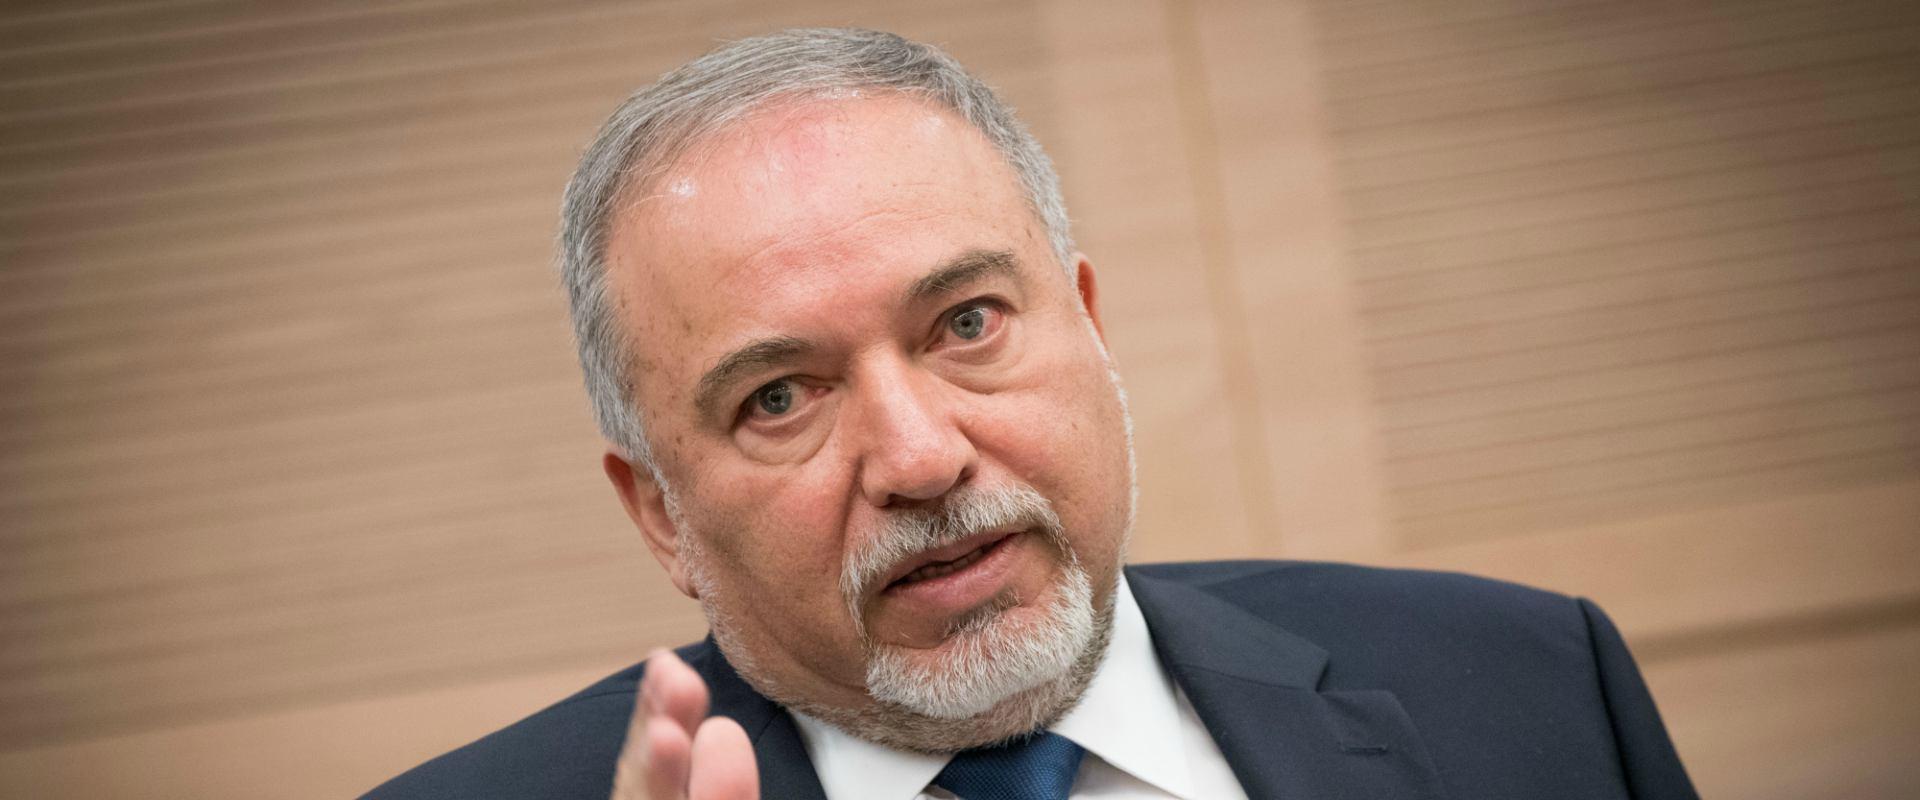 שר הביטחון אביגדור ליברמן בדיון בכנסת